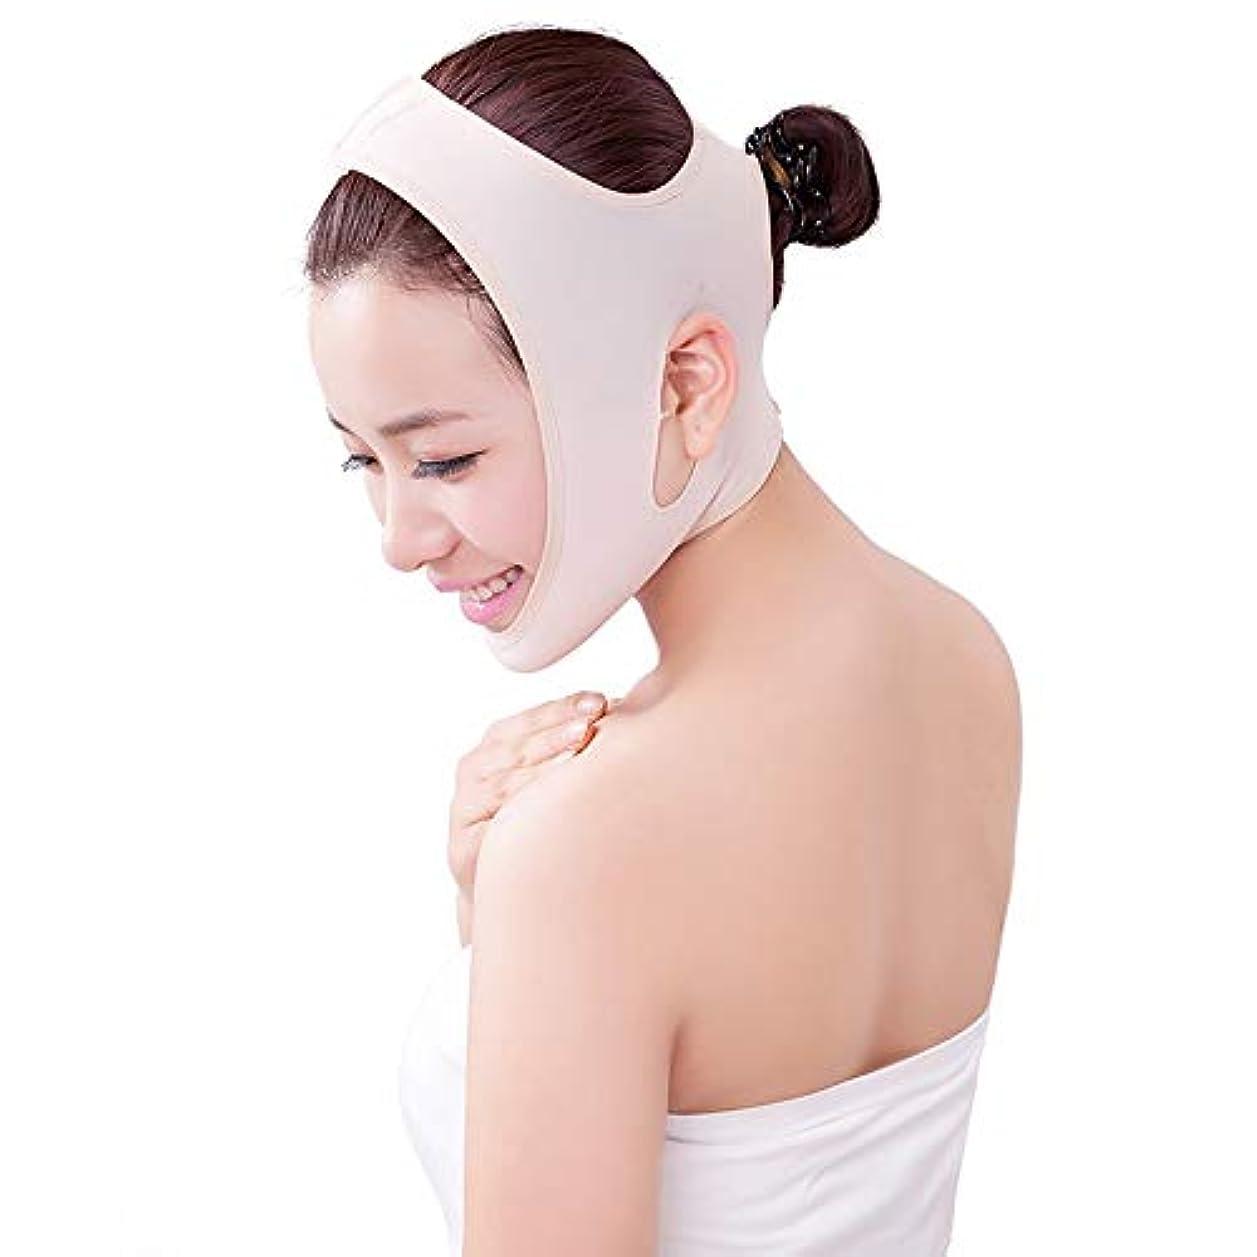 緊張する六分儀はさみZPSM 薄くて軽い フェイスリフティングベルト、超薄型の顔を修正顔包帯Vフェイスフェイスマスクリフティングファーミング、3つのサイズを垂れ防止 (Size : S)